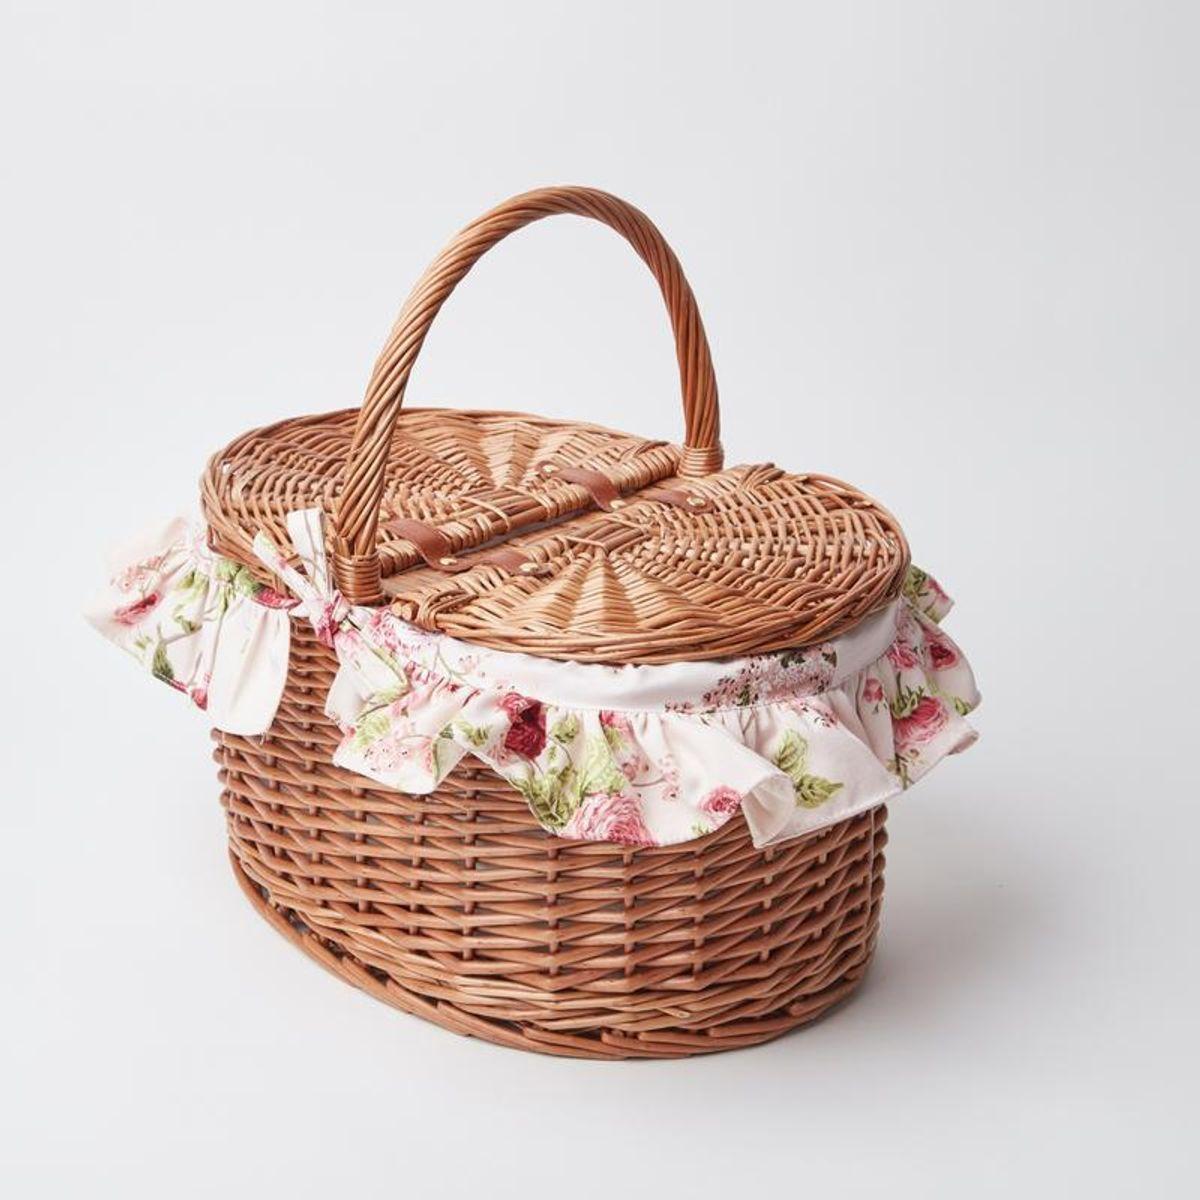 Nancy's Summer Picnic Basket